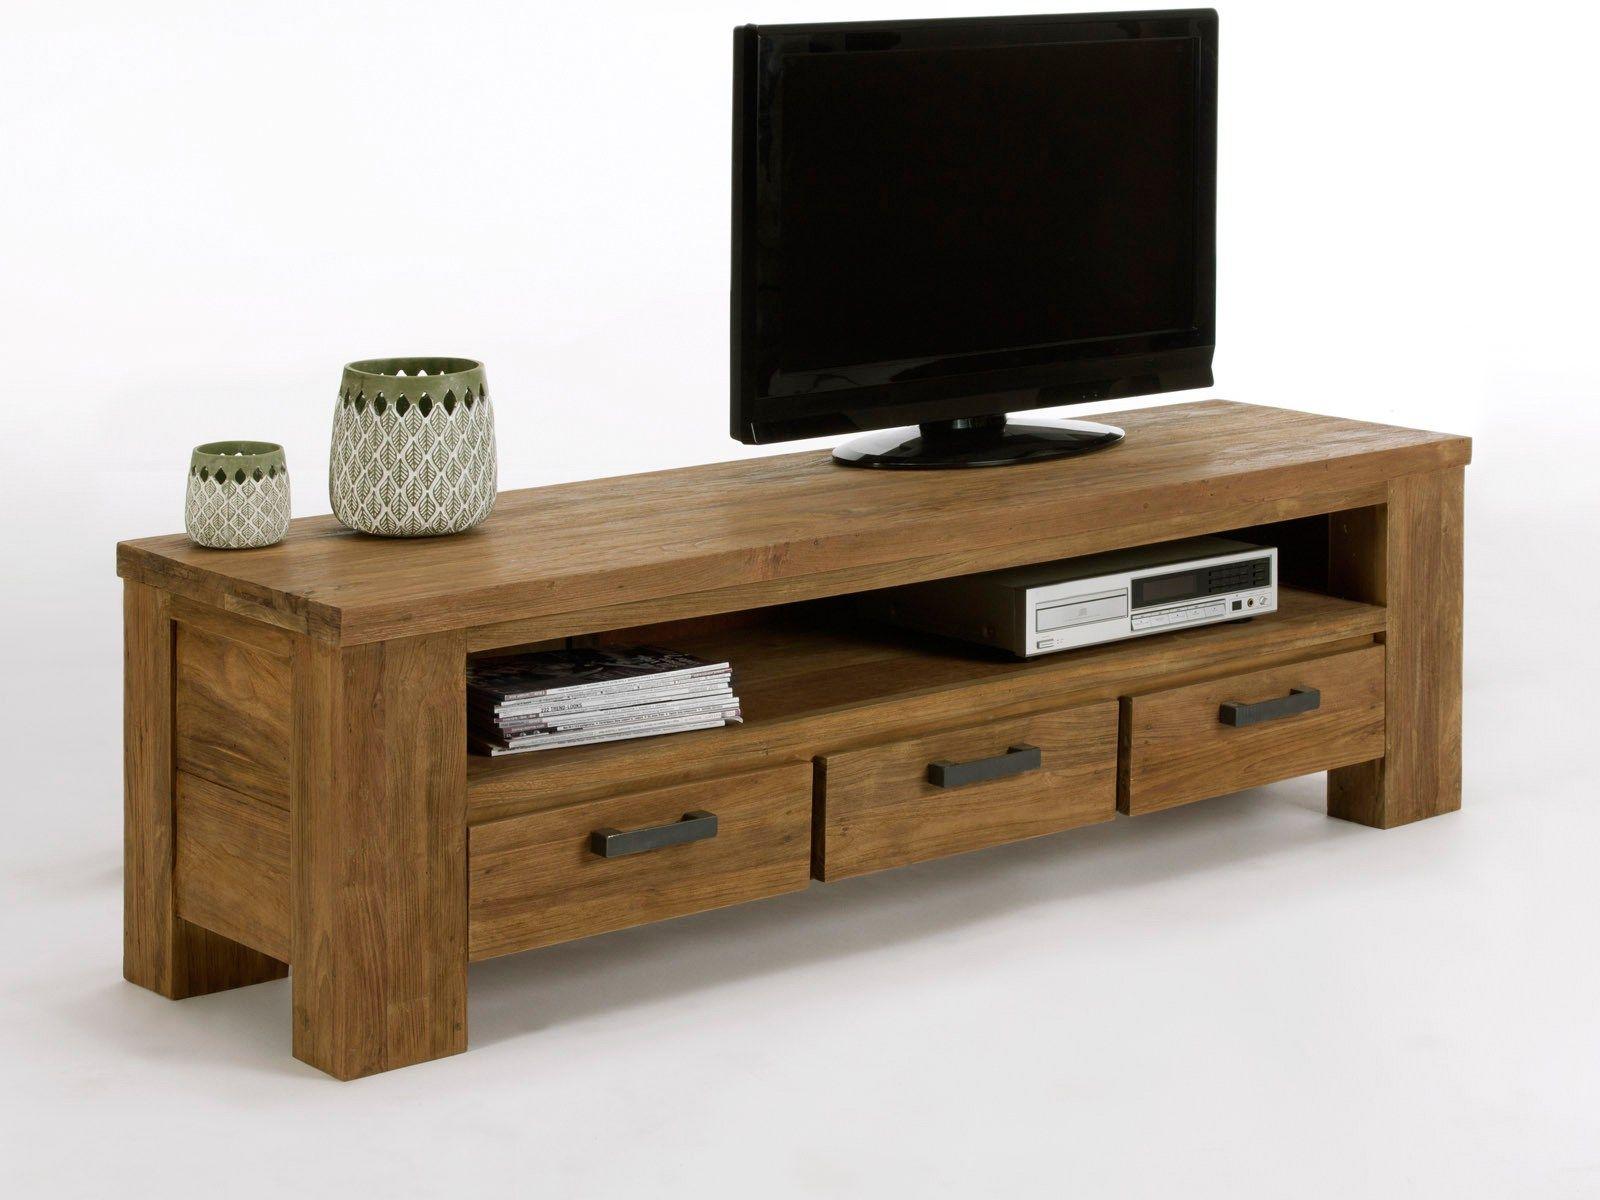 le meuble tv bas en bois massif de la